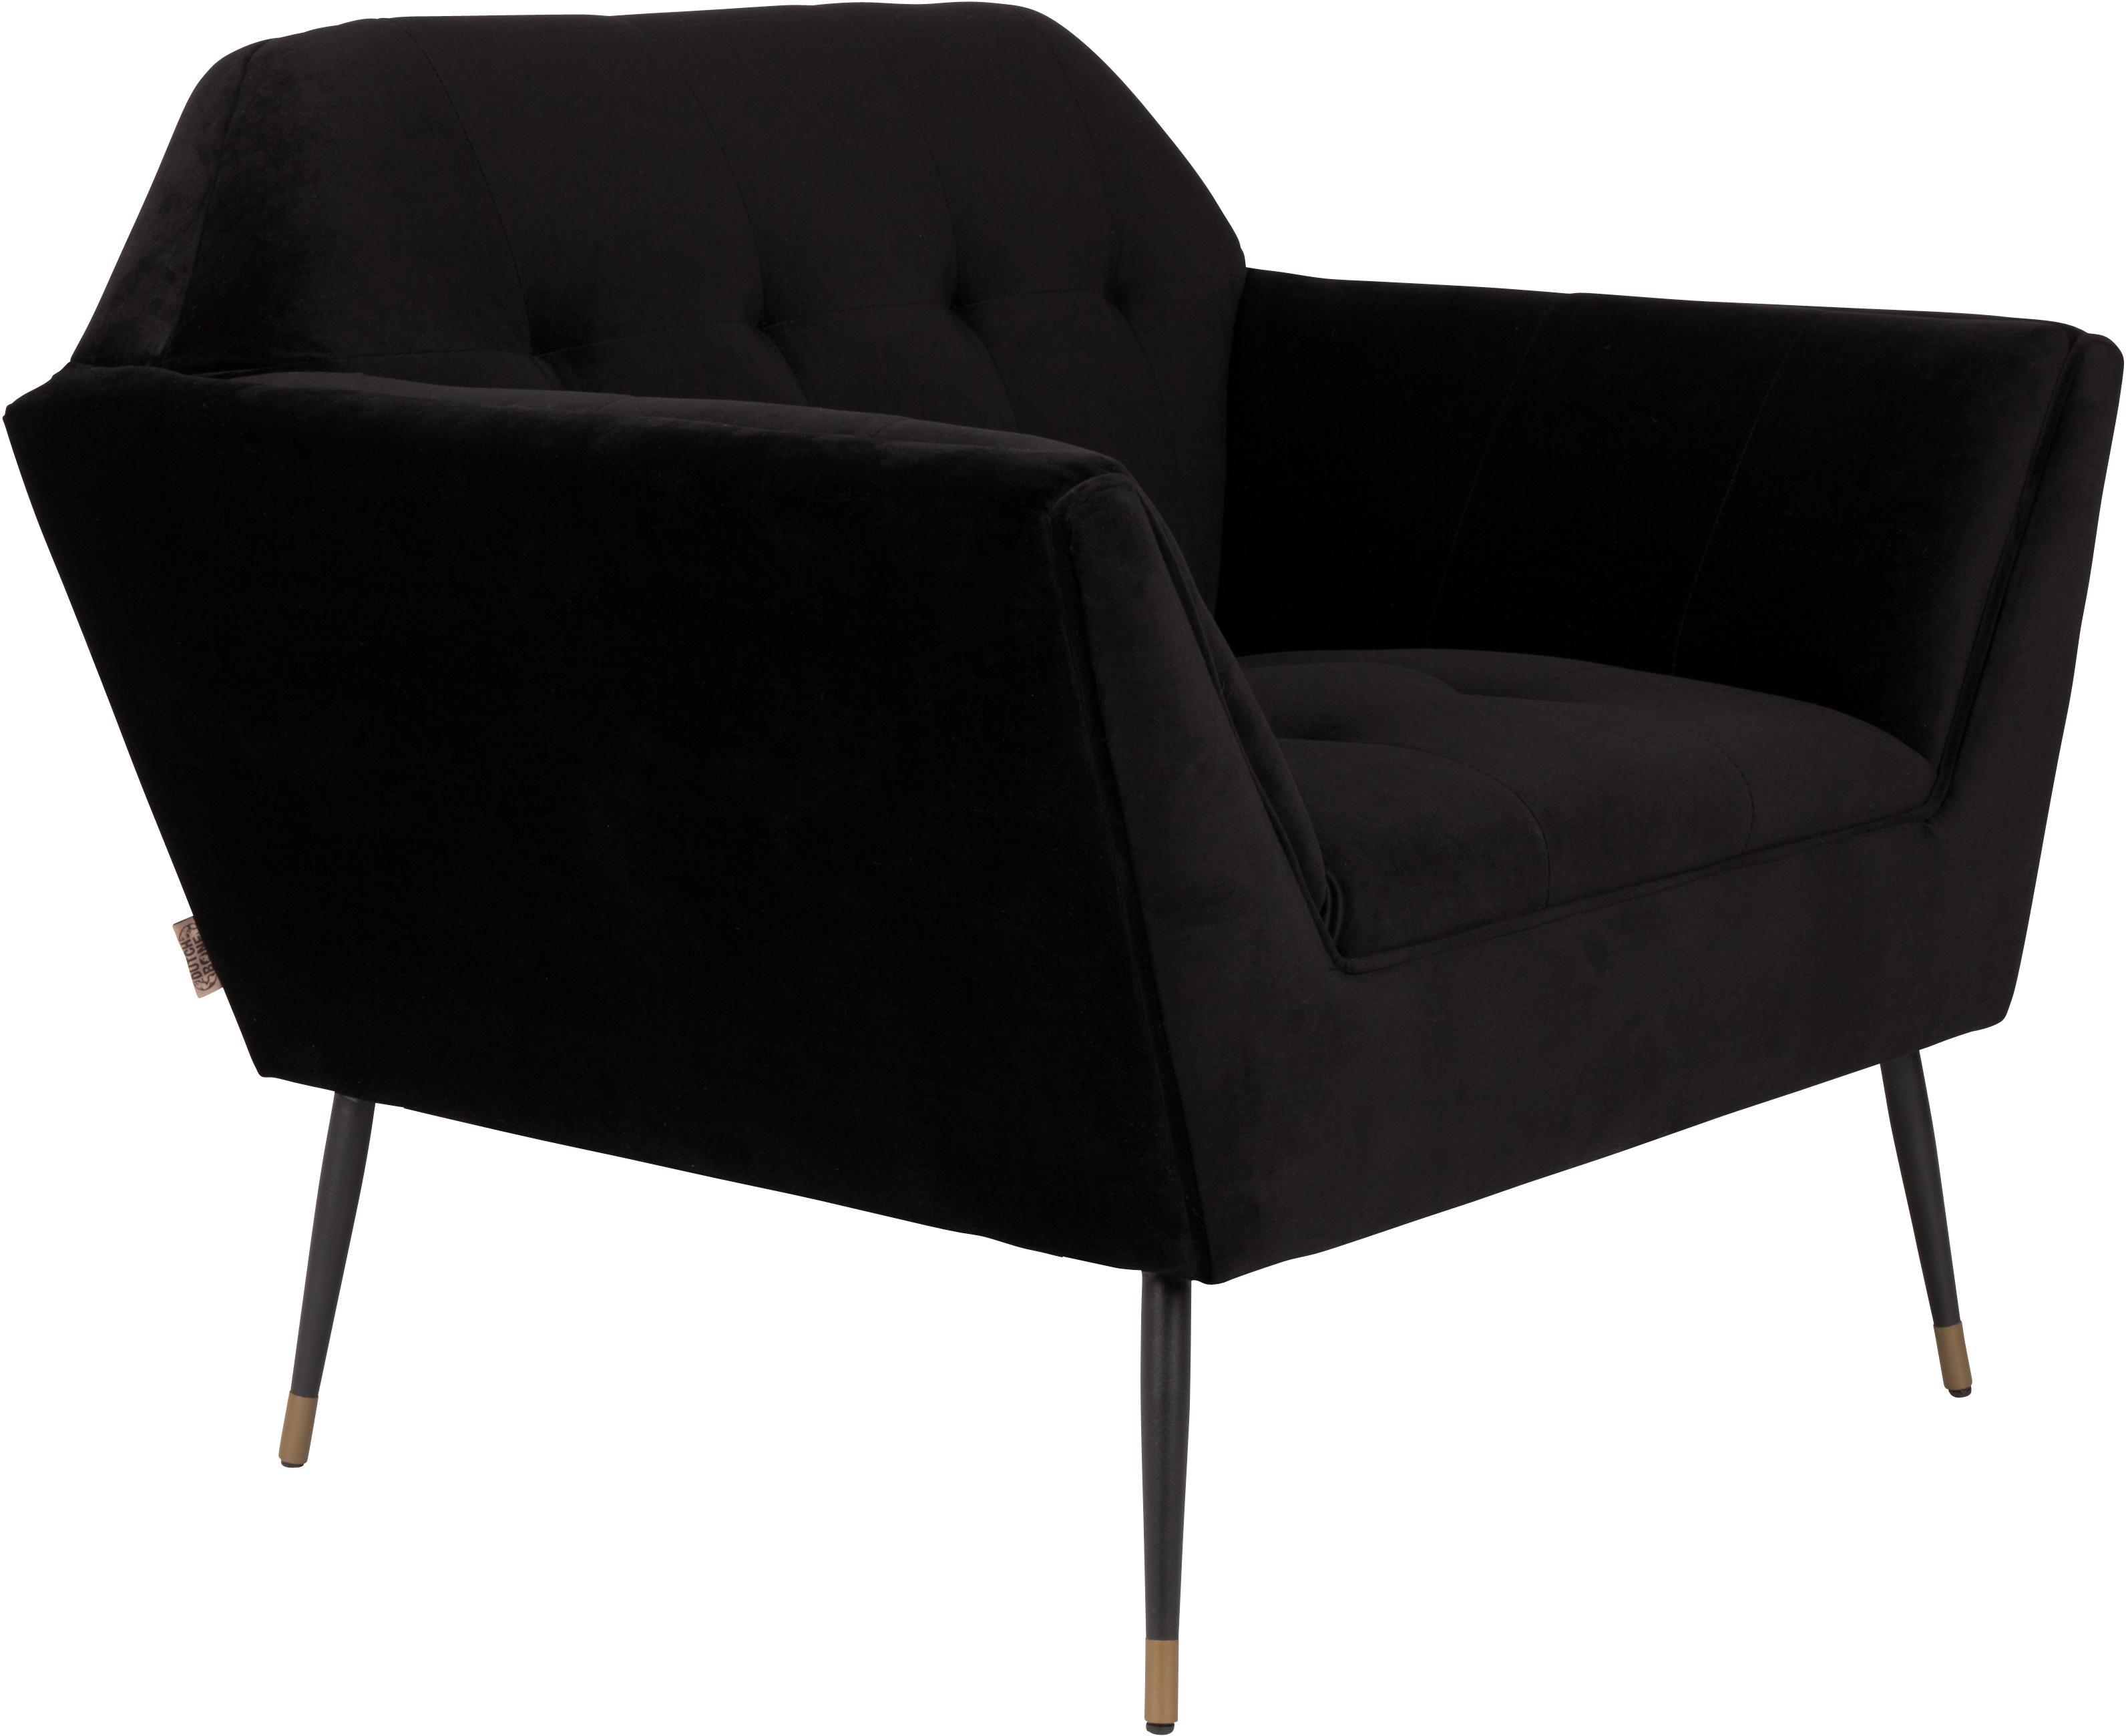 Fluwelen fauteuil Kate in zwart, Bekleding: polyester (fluweel), Poten: gepoedercoat metaal met d, Fluweel zwart, 95 x 79 cm